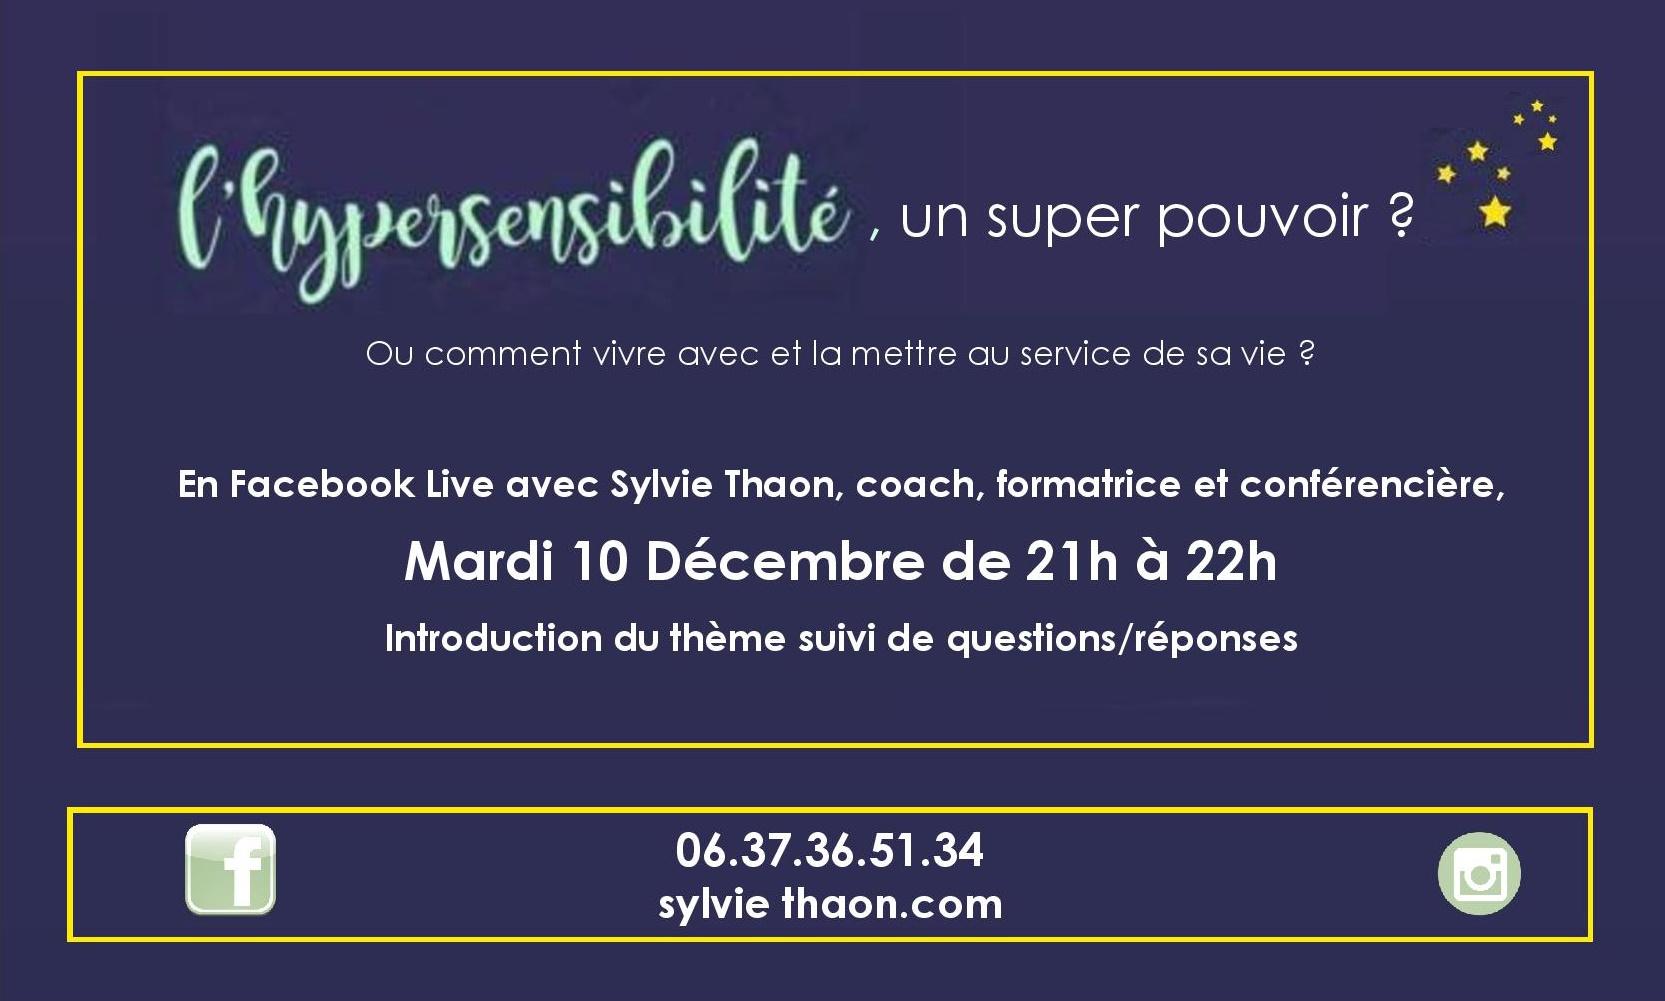 FacebookLive developpement personnel hypersensibilité emotion plein potentiel sylvie thaon coaching